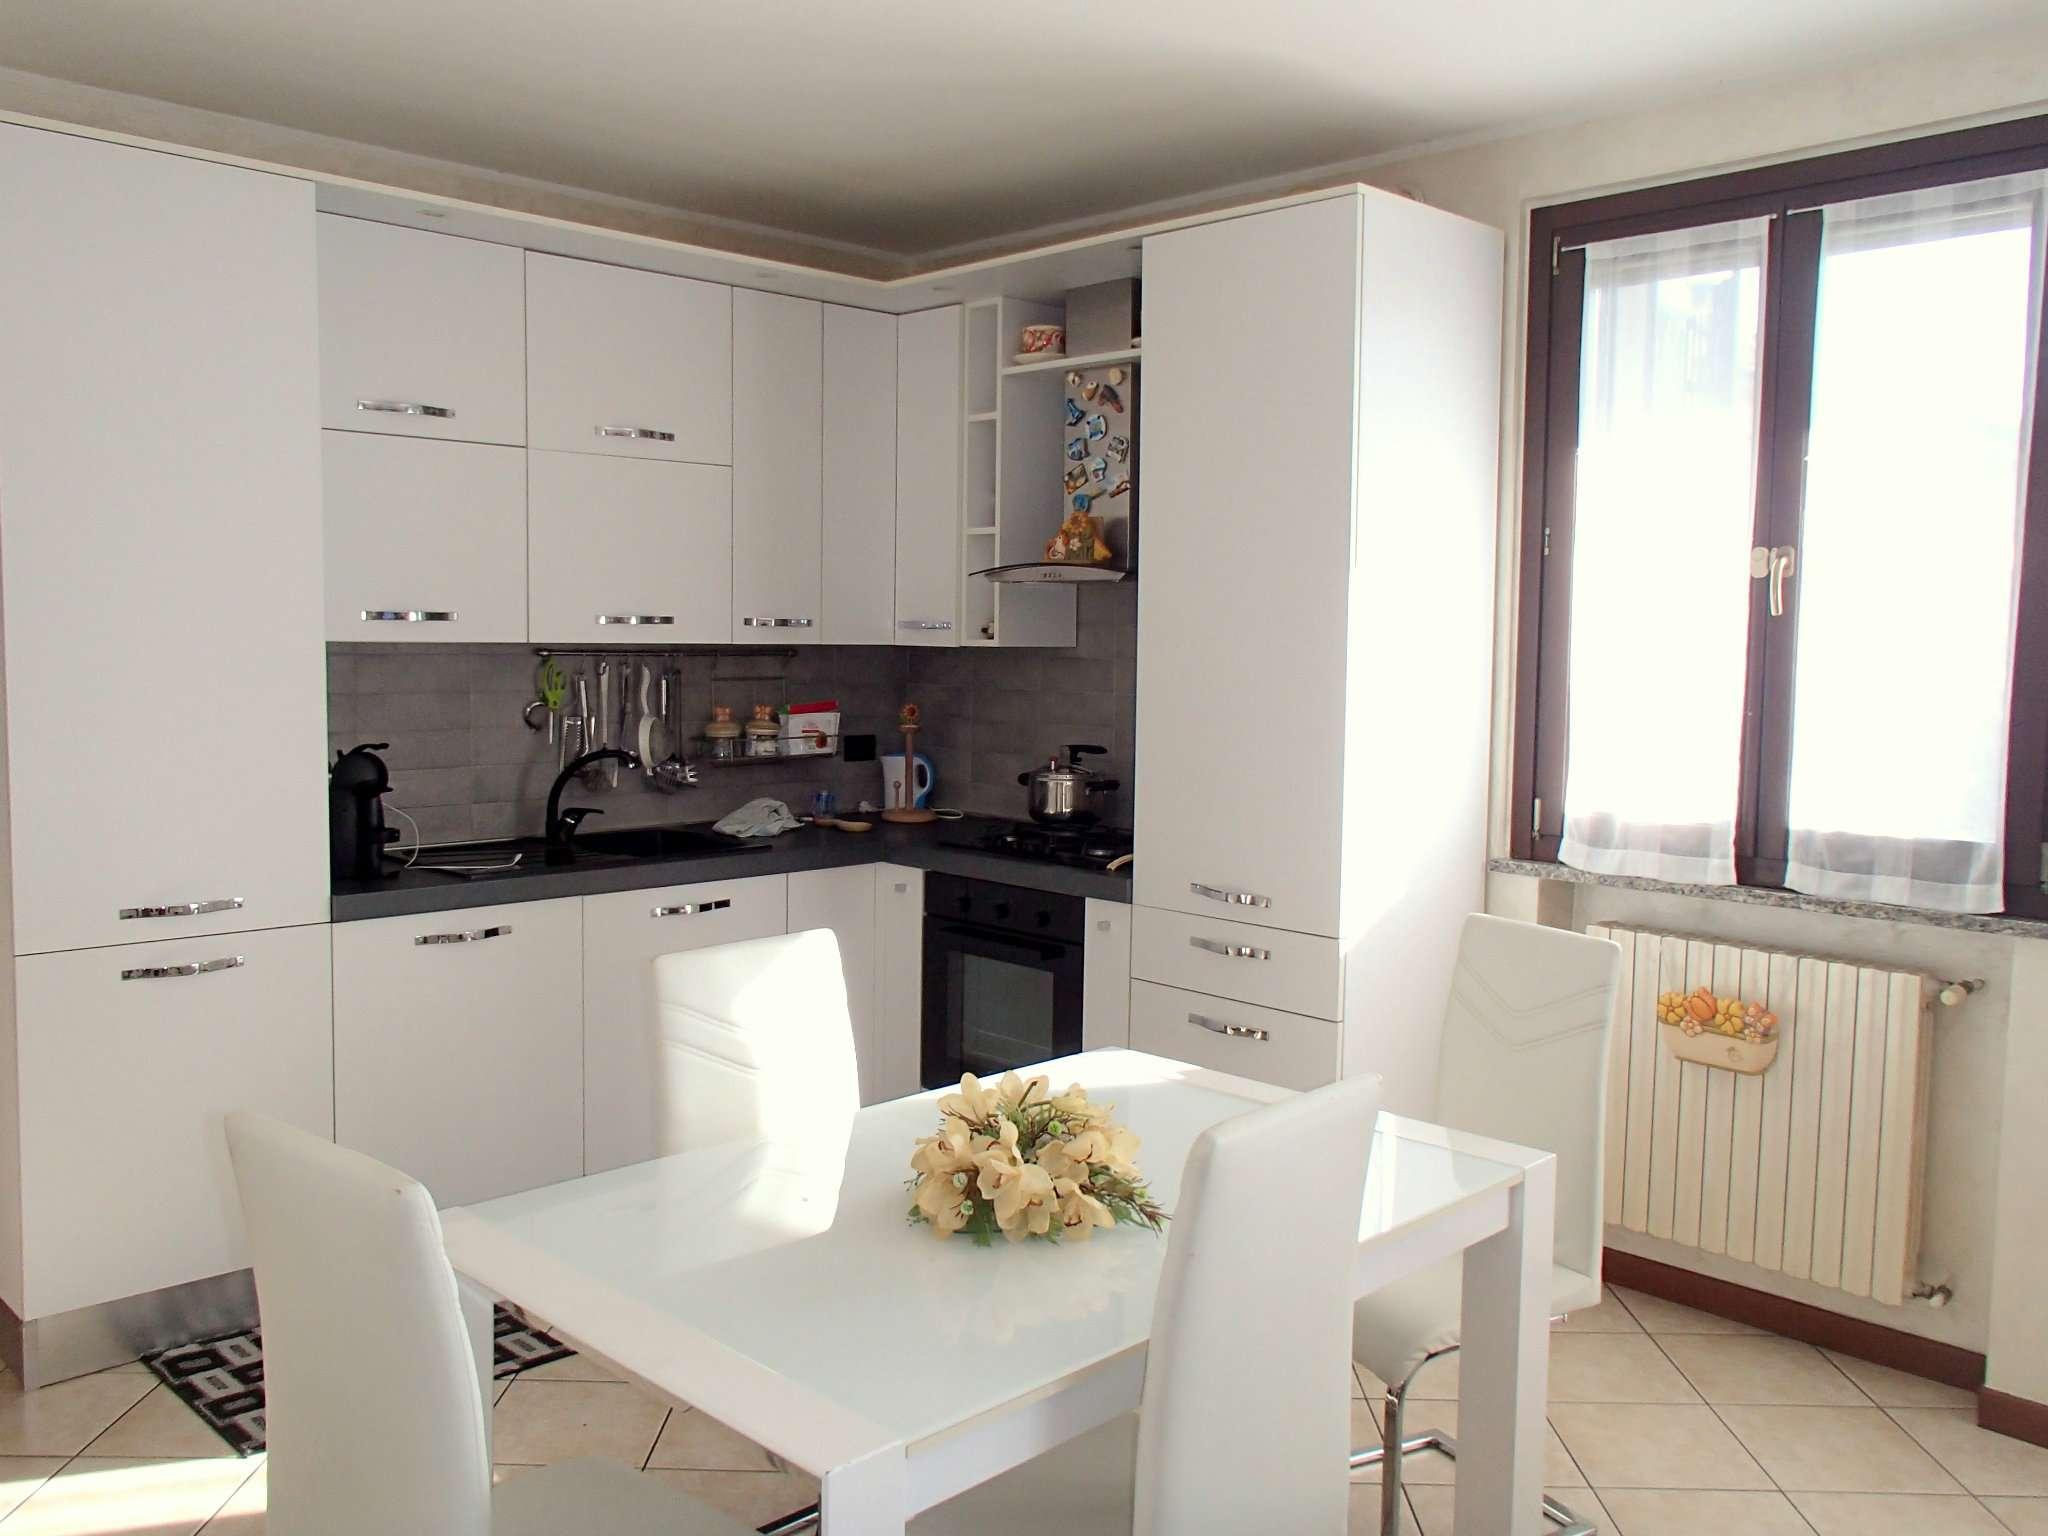 Appartamento in vendita a Valera Fratta, 3 locali, prezzo € 118.000 | CambioCasa.it